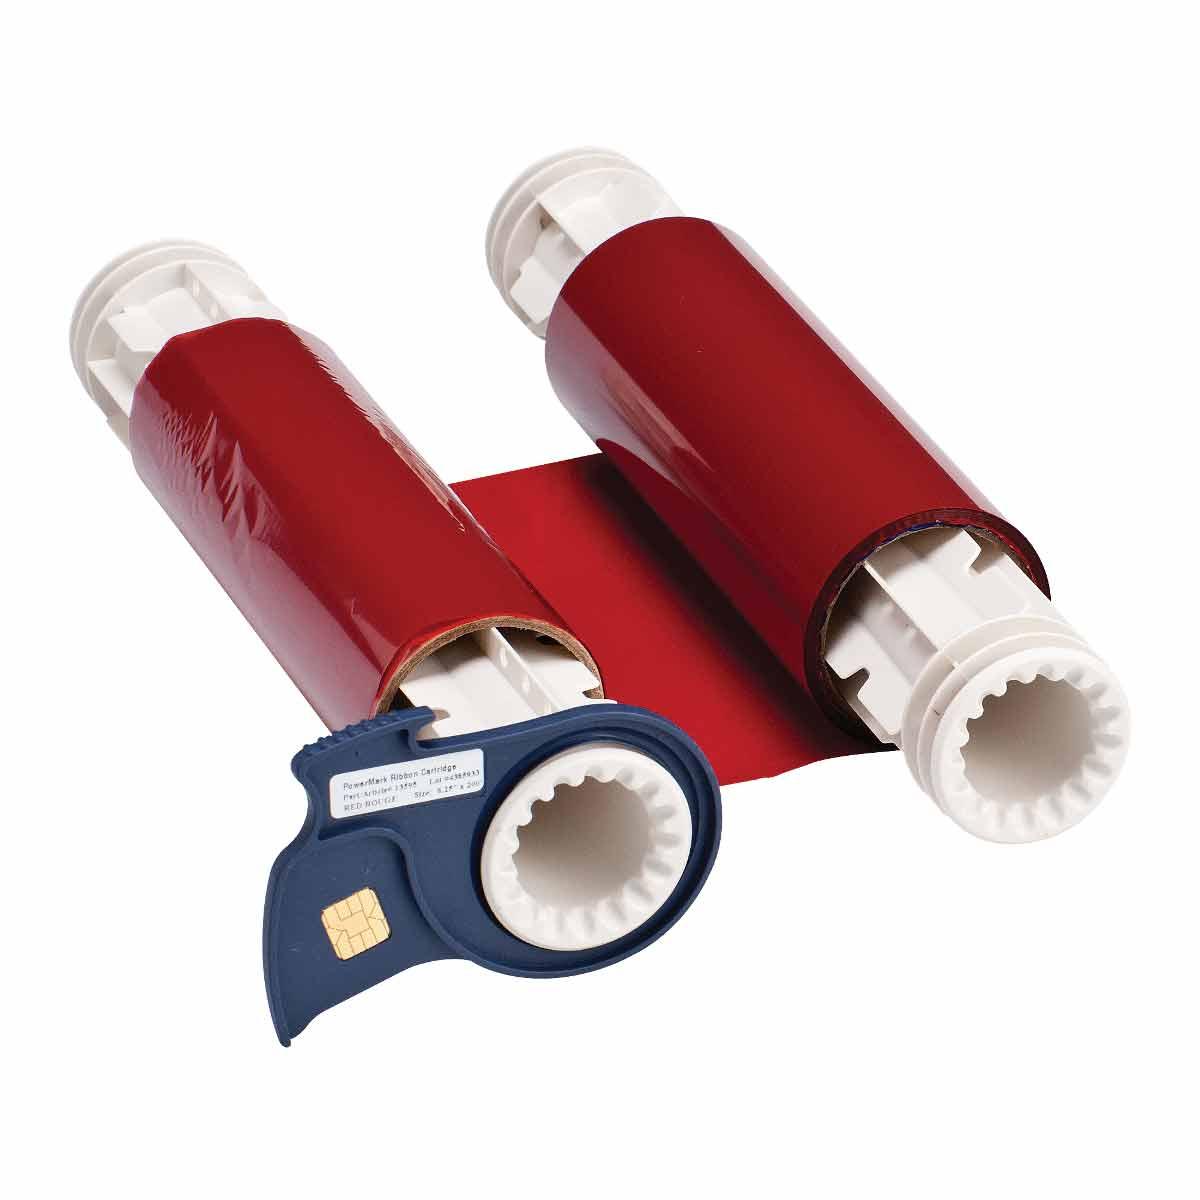 Brady® 13522 R10000 2-Color Industrial Grade Printer Ribbon, 200 ft L x 8.8 in W, Resin, Black/Red